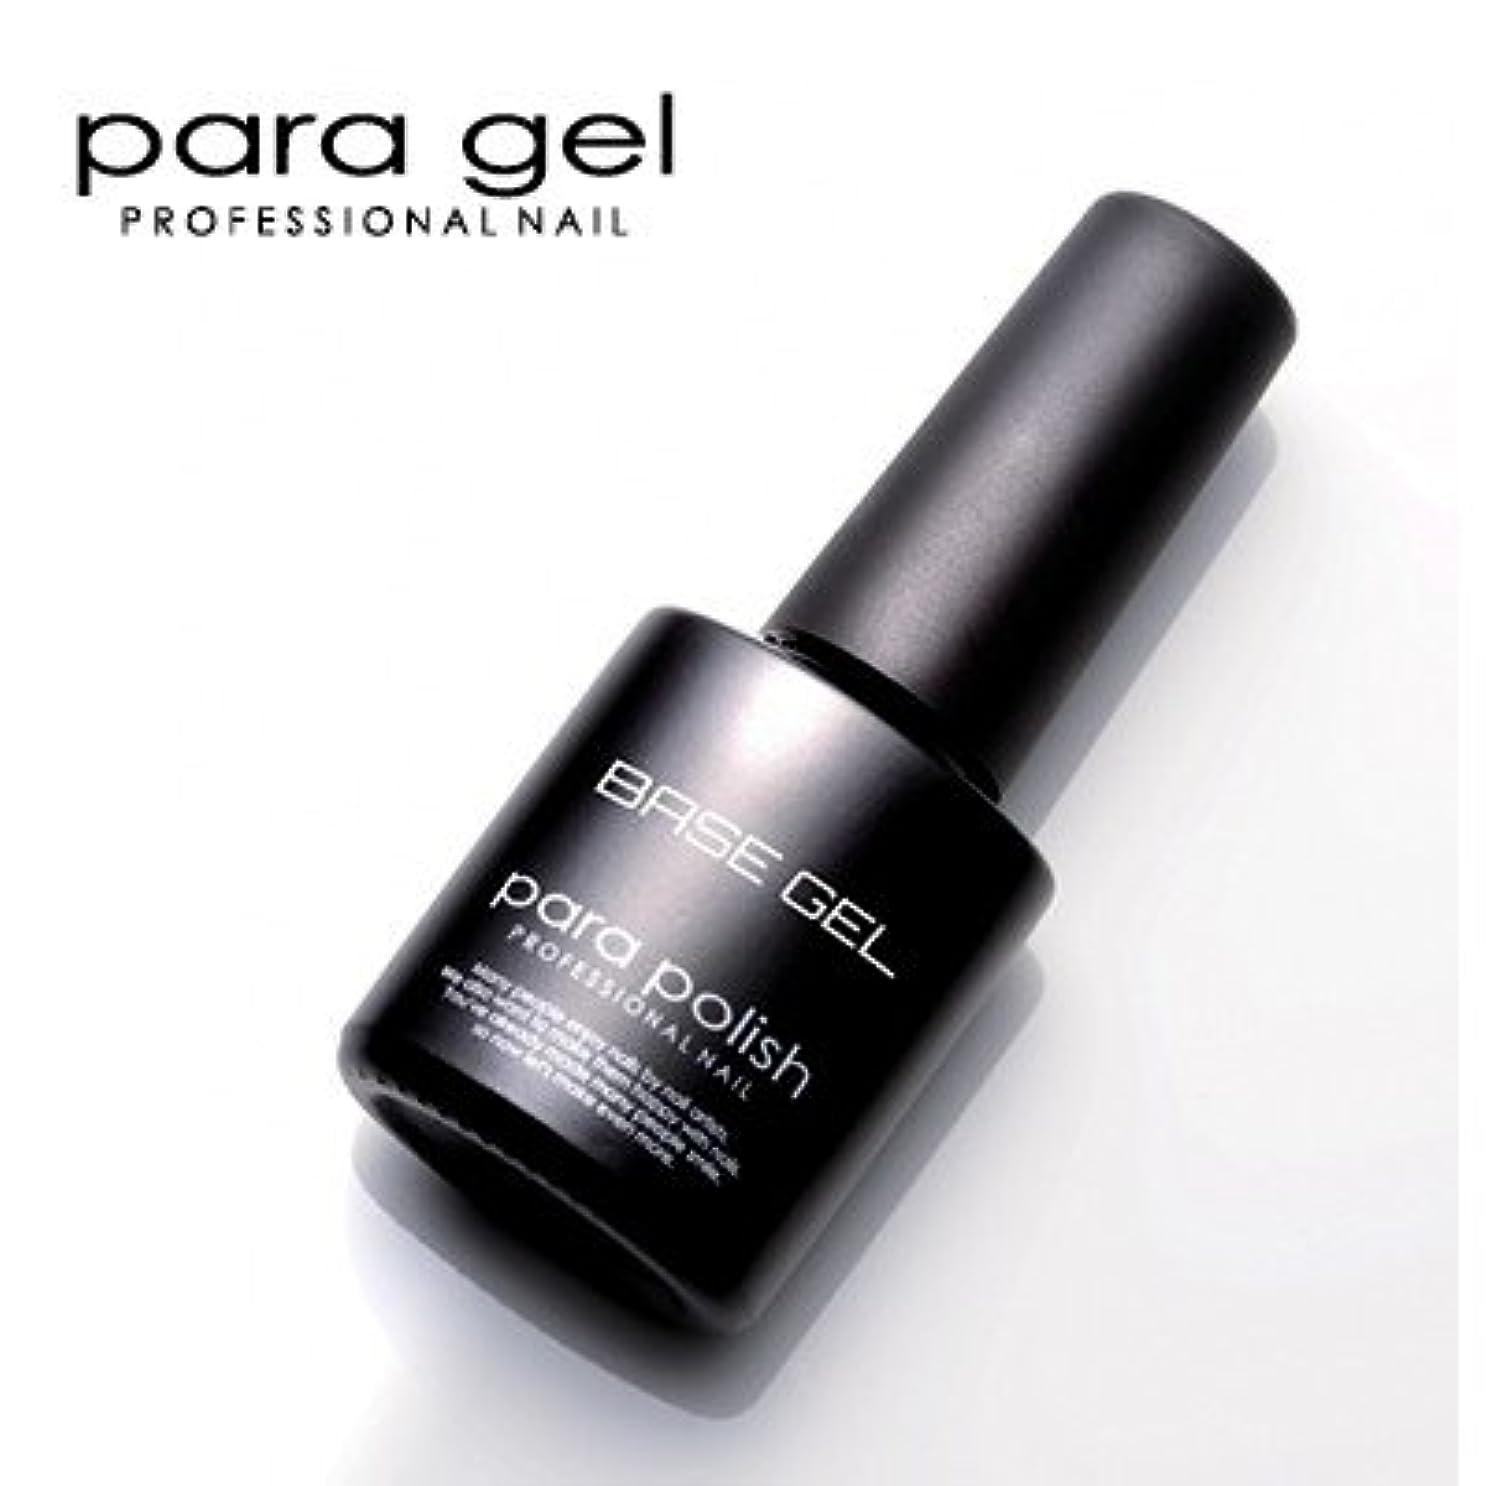 夜間聖職者意図するパラジェル para polish(パラポリッシュ) ベースジェル 7g